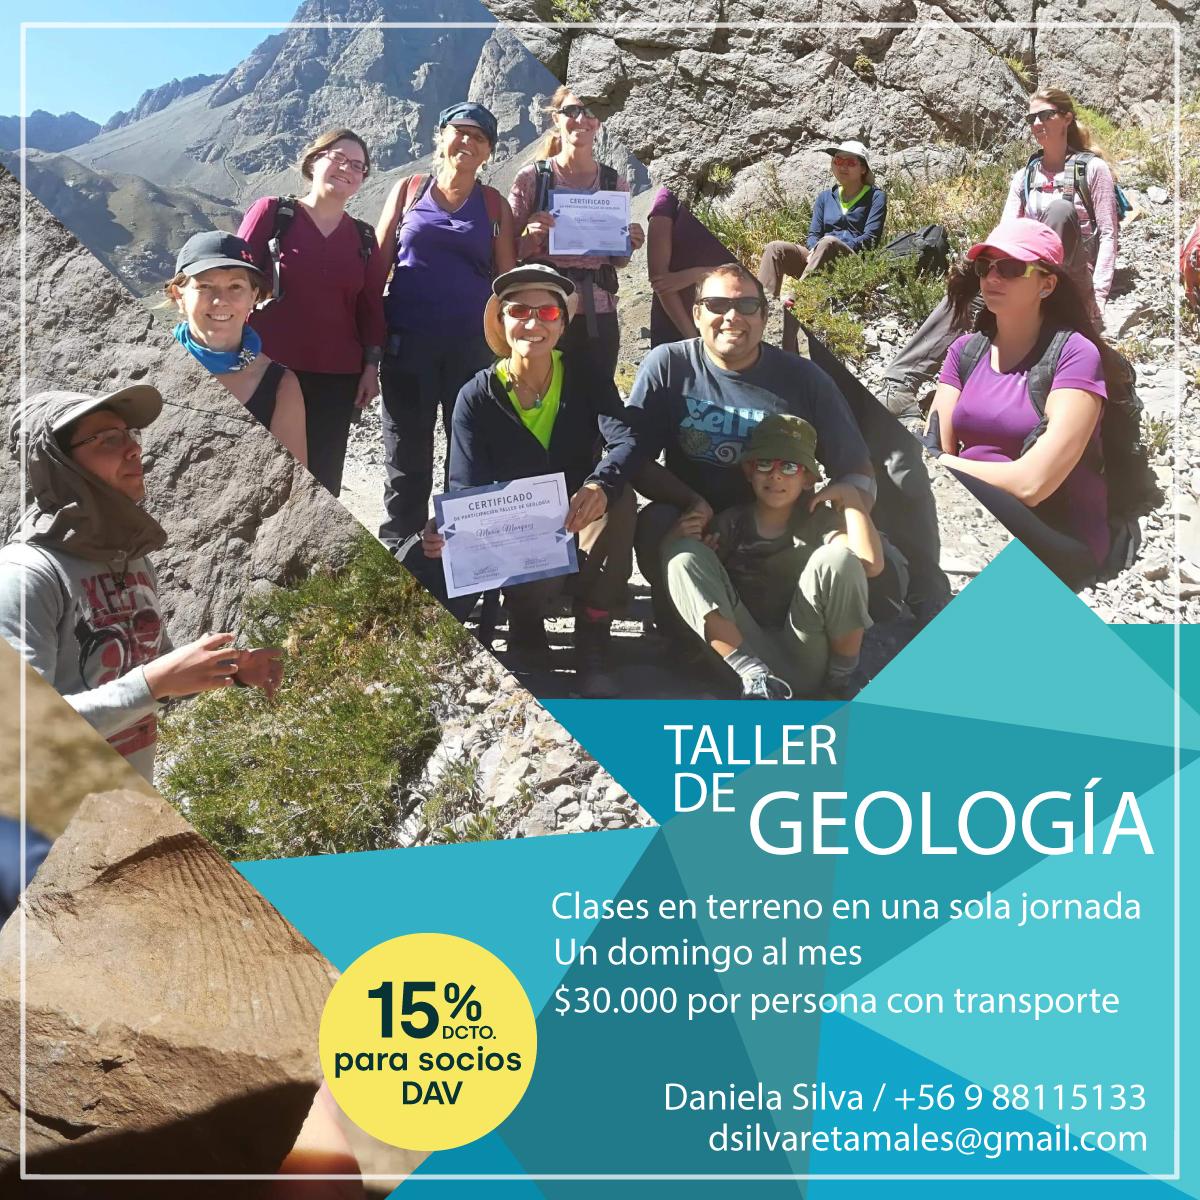 Convenio Taller de Geología